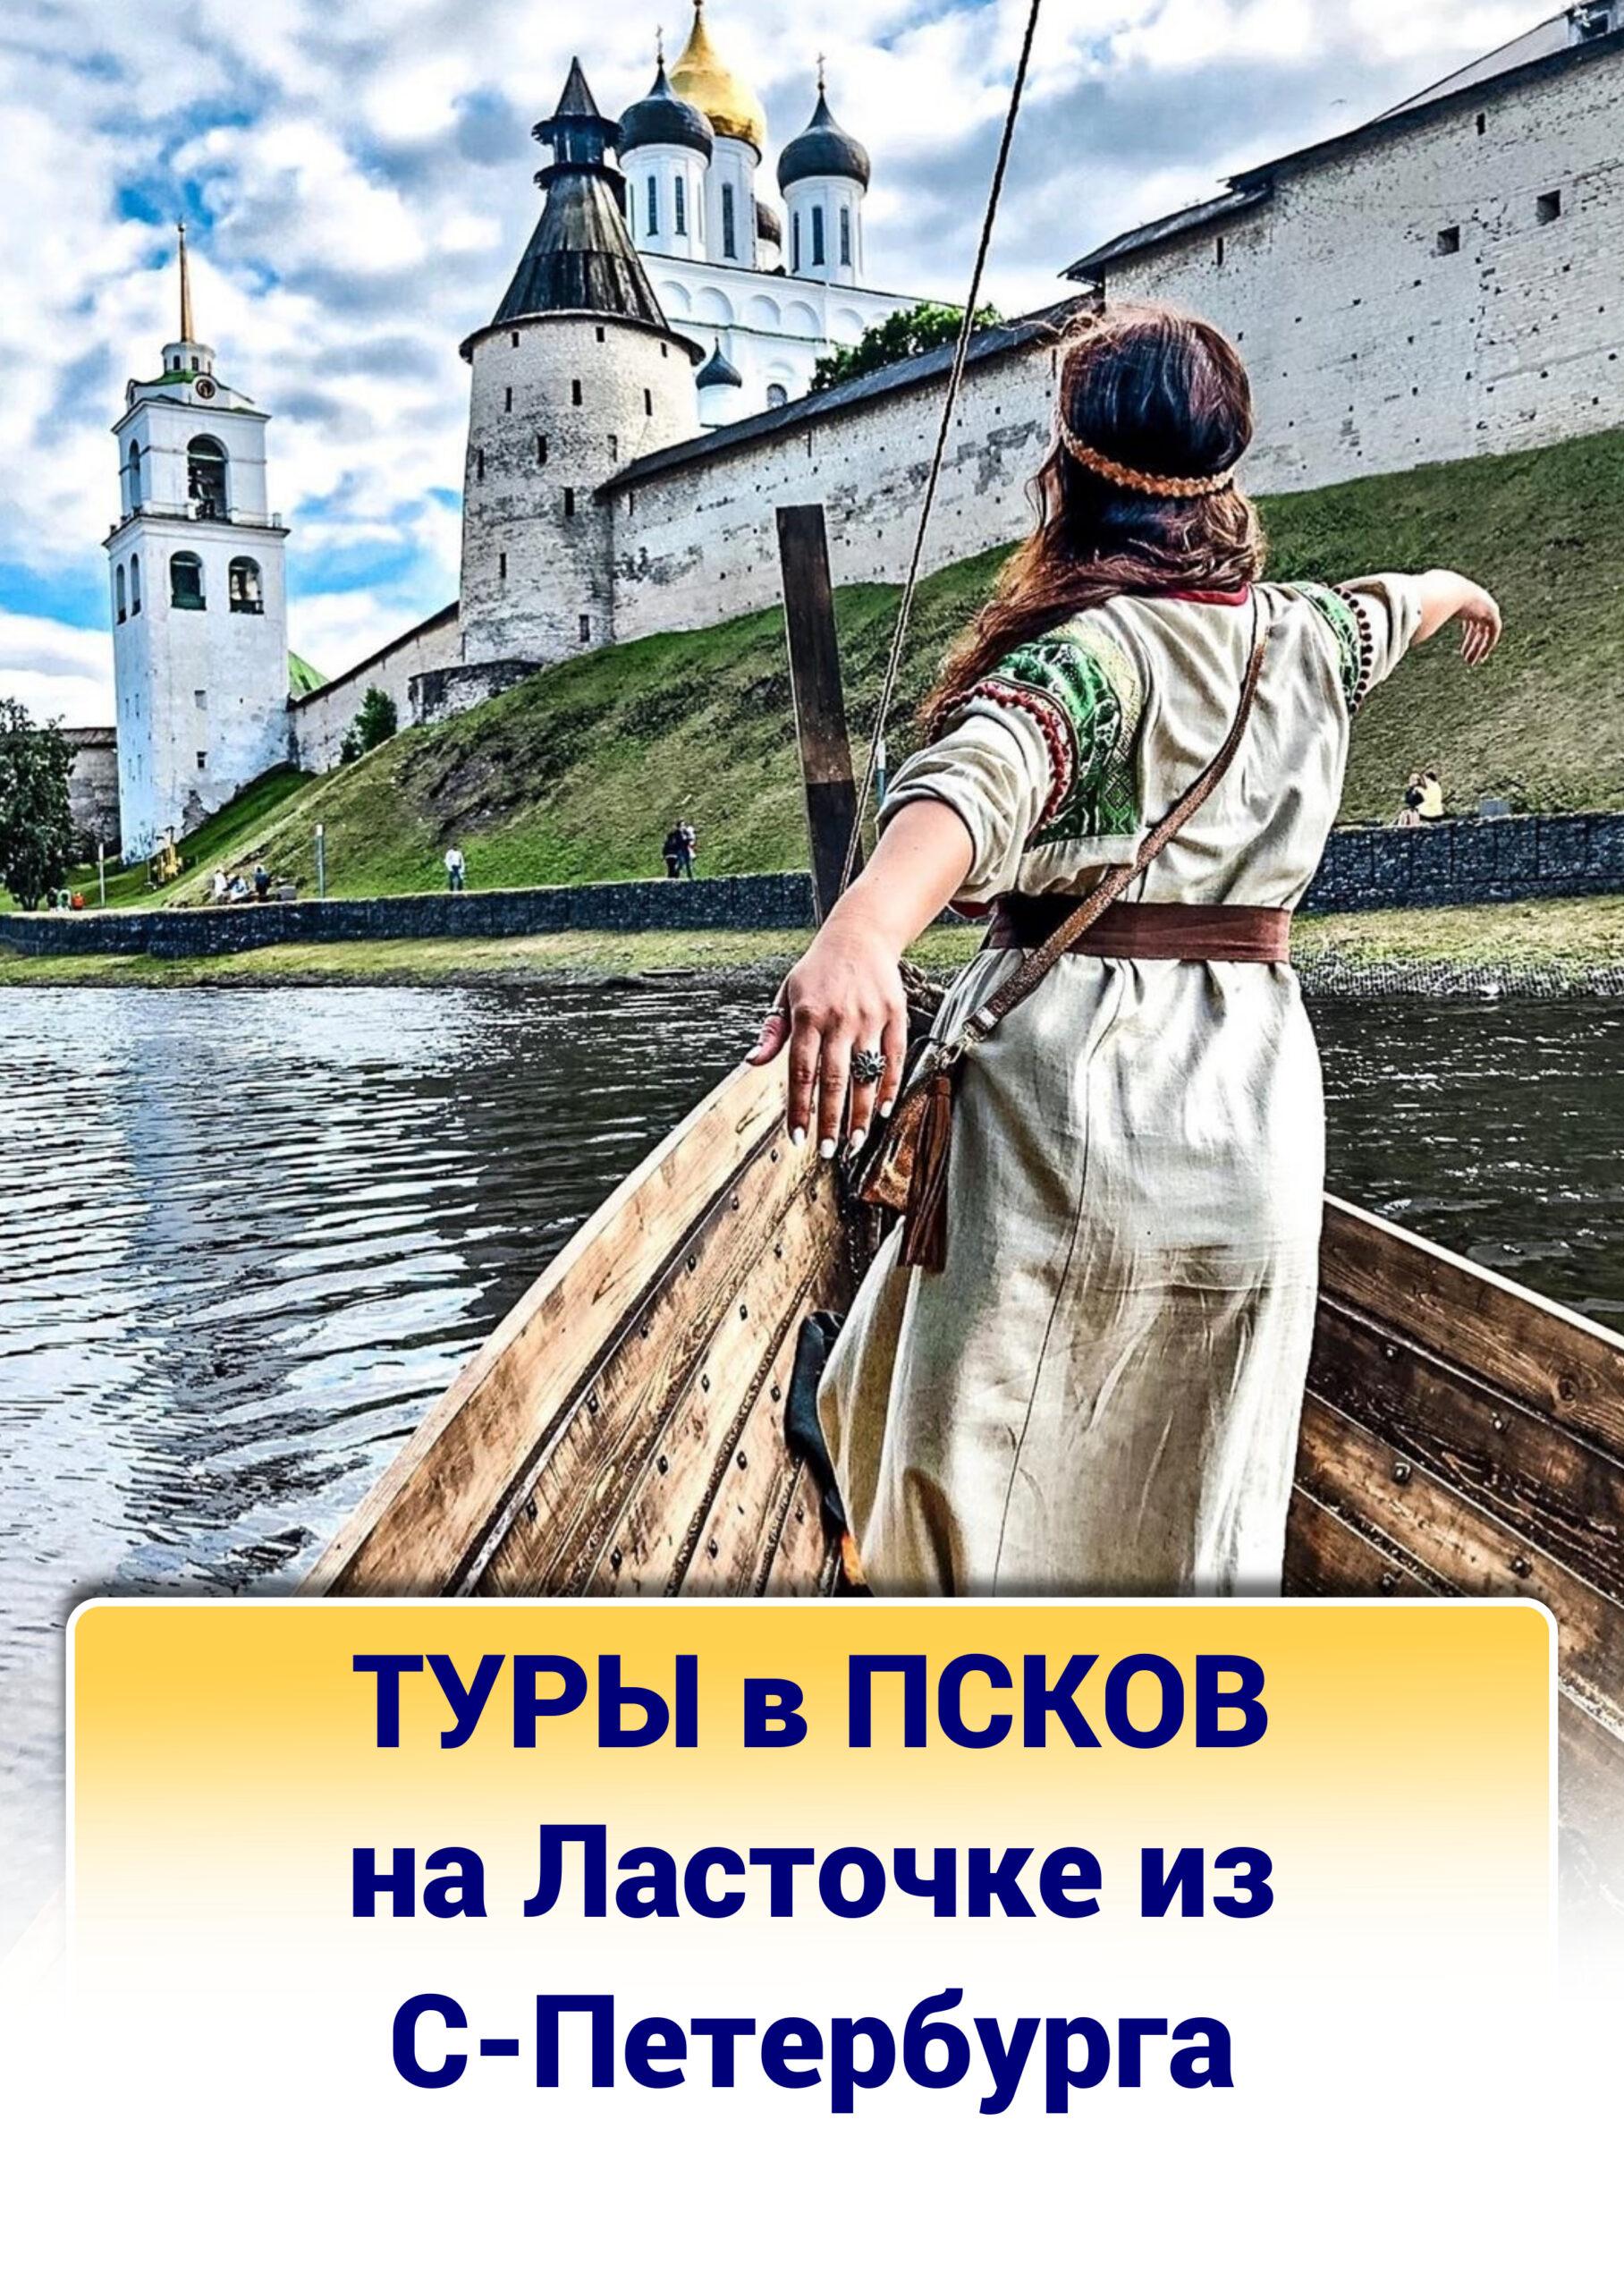 Туры в Пскво на Ласточке из Санкт-Петербурга